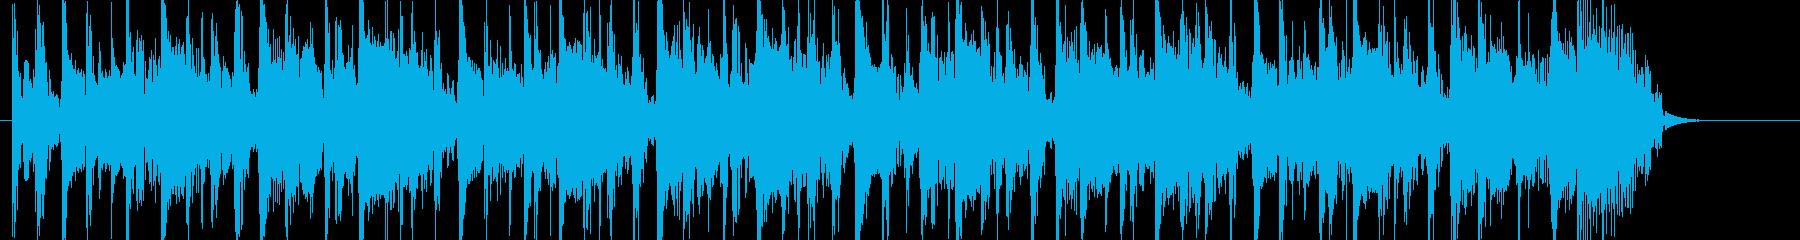 20秒ファンキー明るいノリのいいグルーヴの再生済みの波形